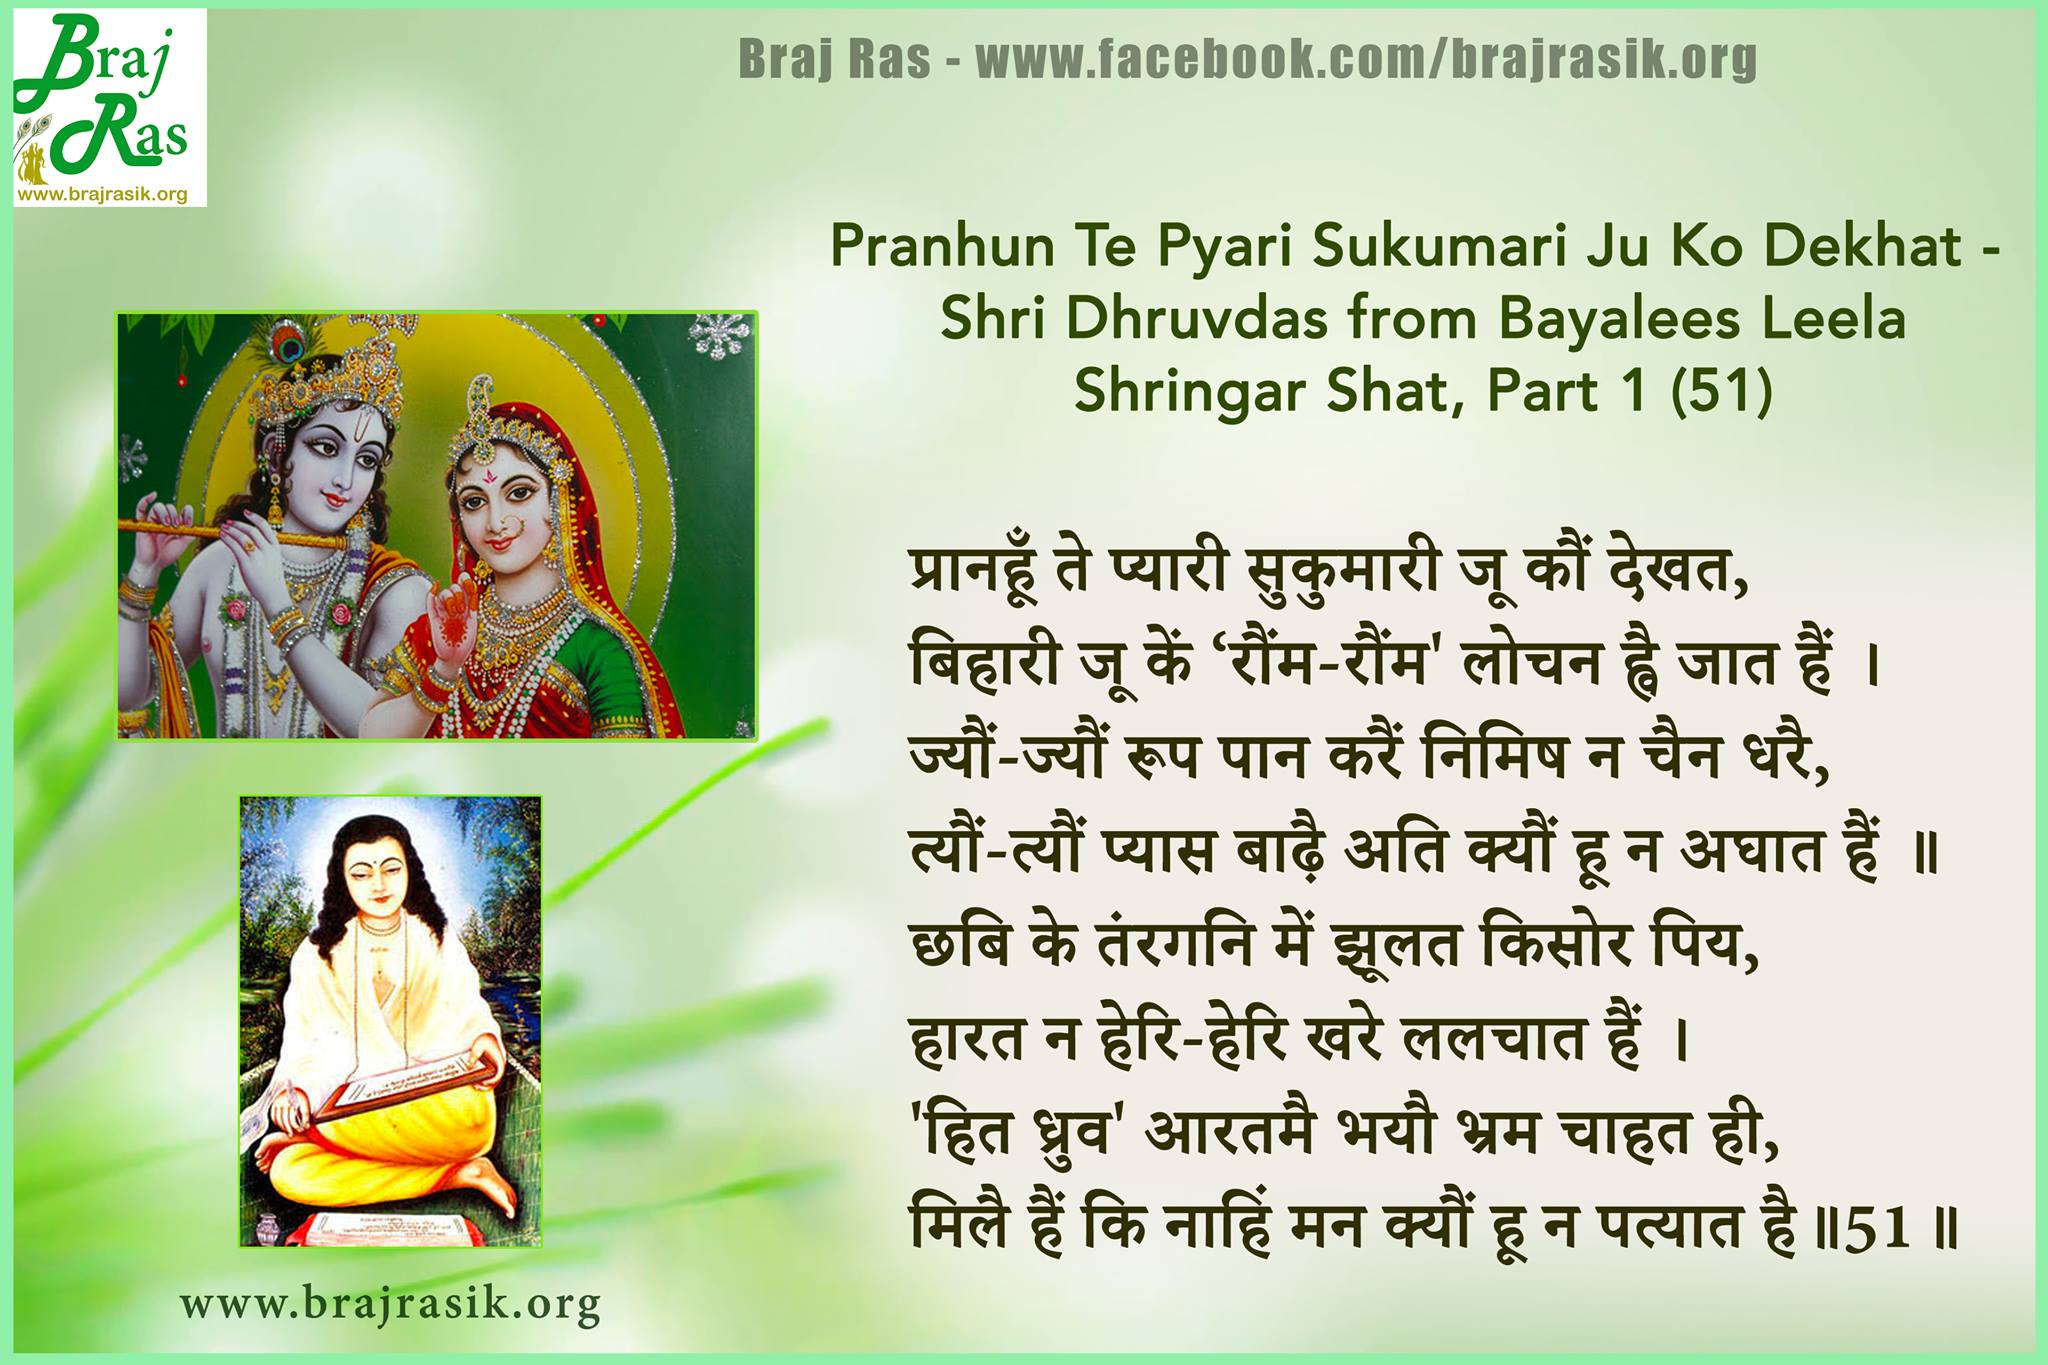 """""""Pranhu Te Pyari Sukumari Ju Ko Dekhat -Shri Dhruvdas from Bayalees LeelaShringar Shat, Part 1 (51)"""